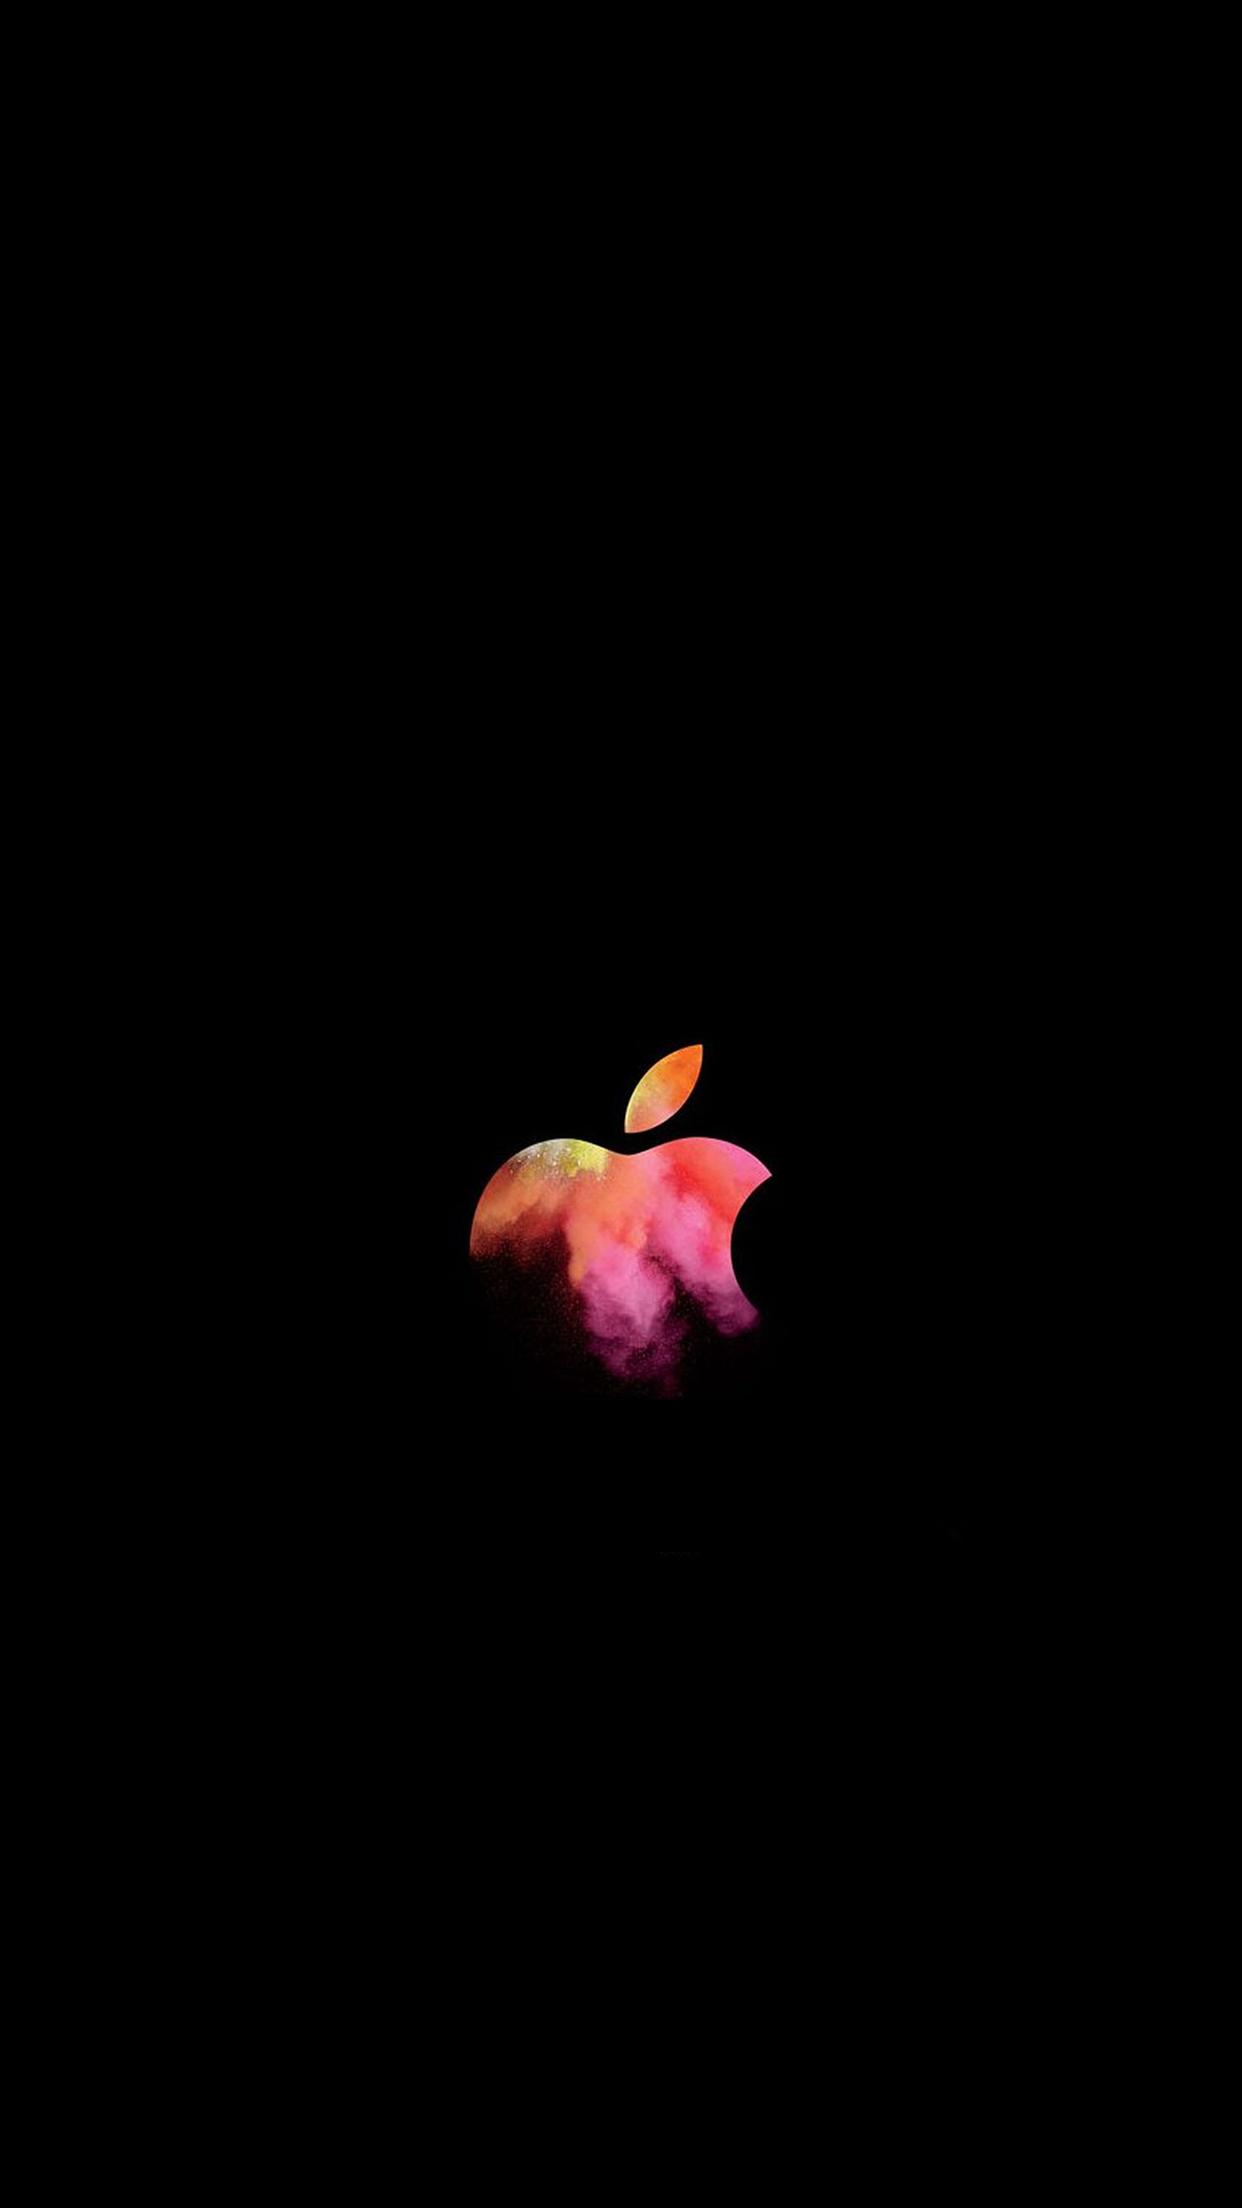 Stimmungsvolle Wallpaper Zur Apple Herbst Keynote L Weblogit